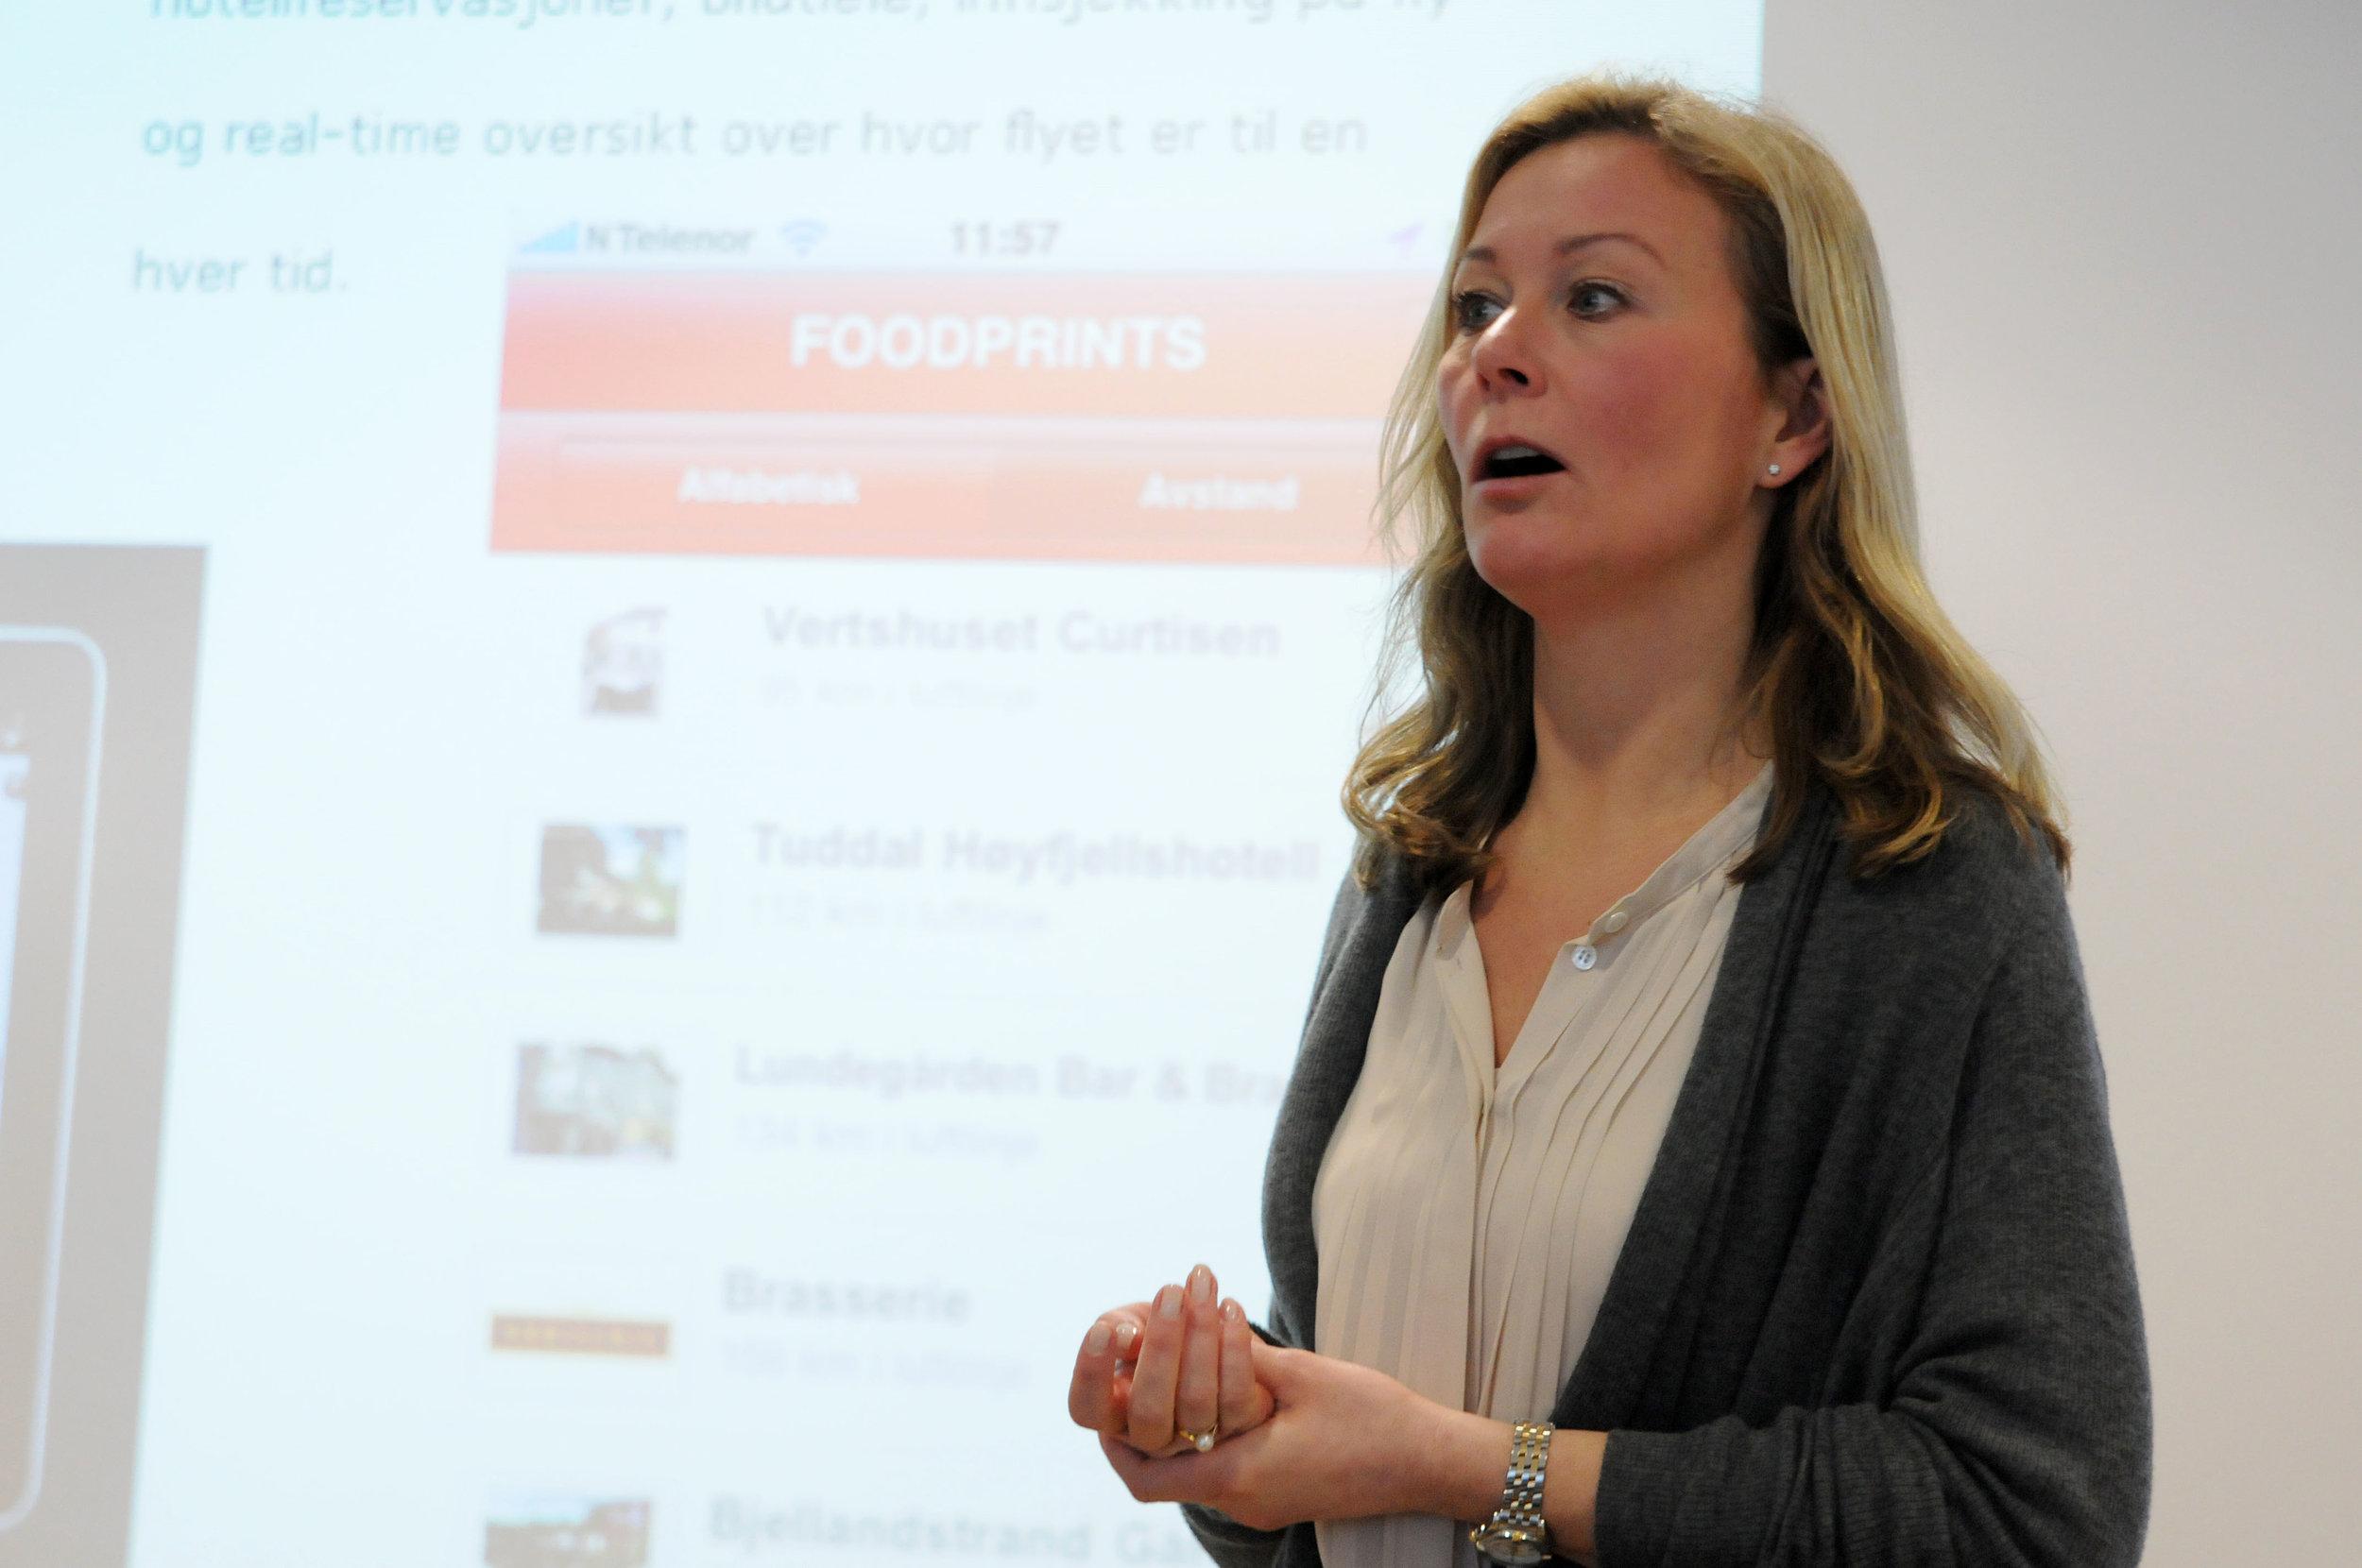 Margrethe Helgebostad - foto VisitTrysil.no